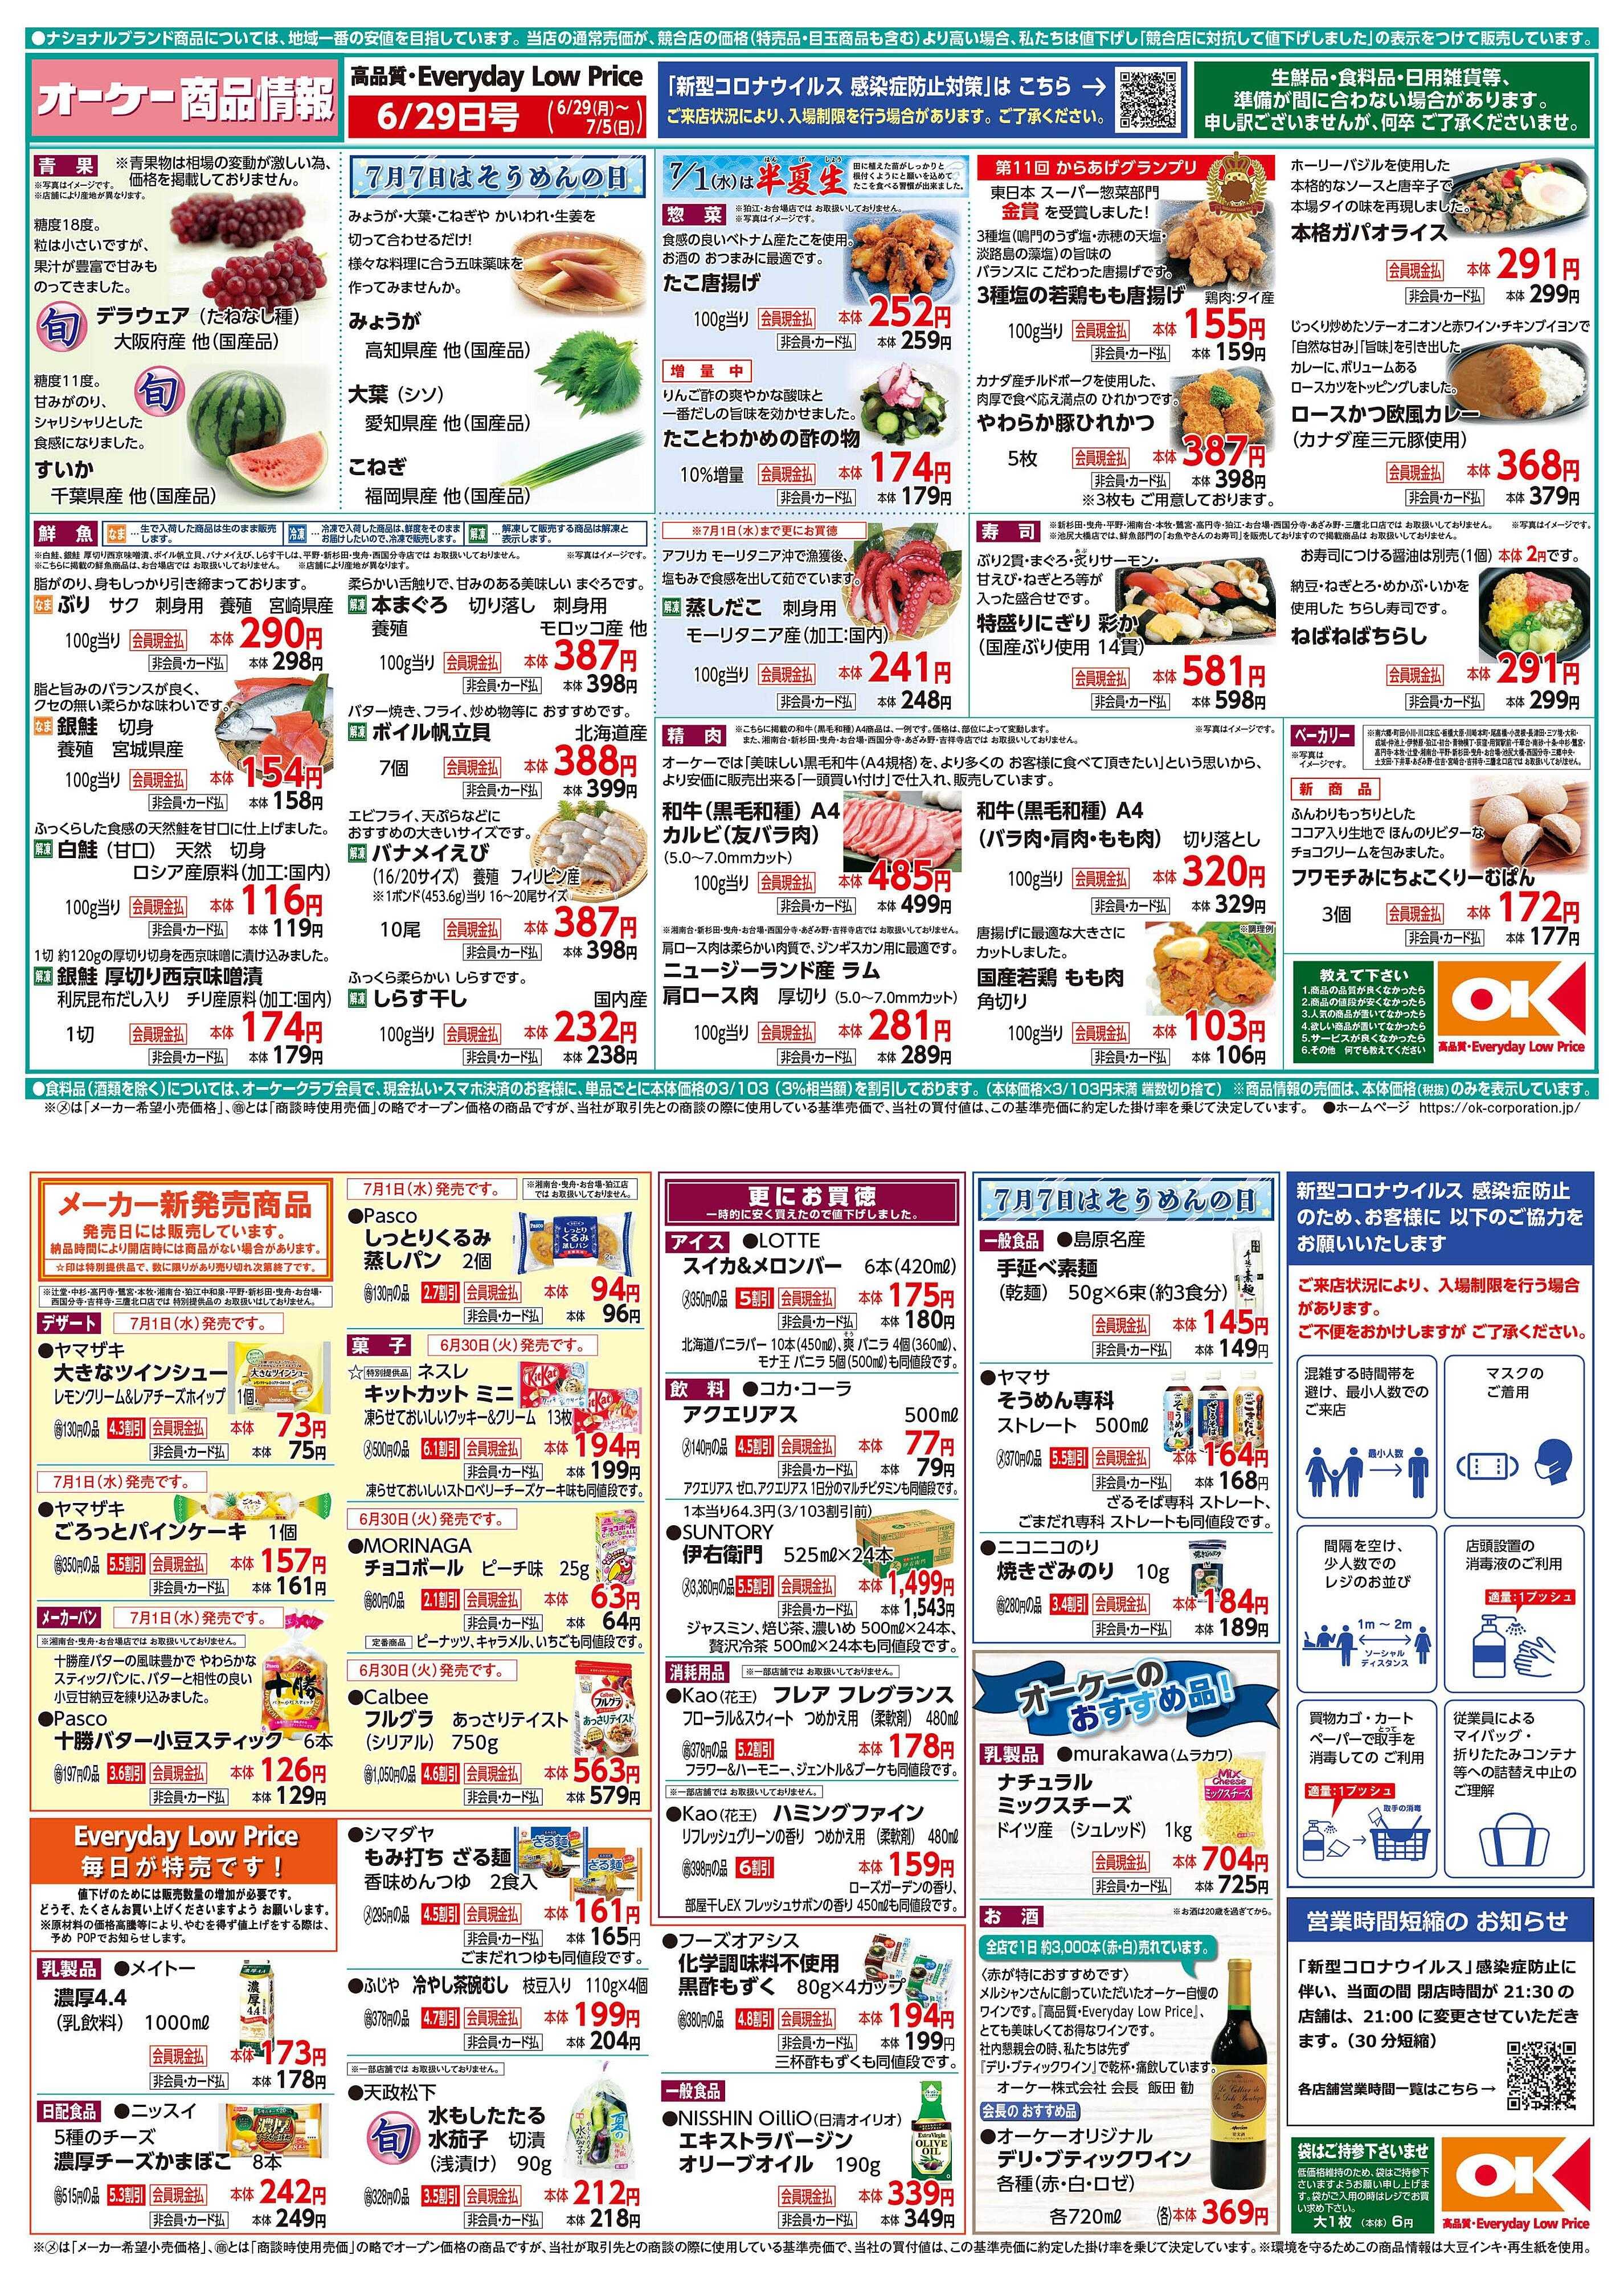 オーケー 商品情報紙6月29日号